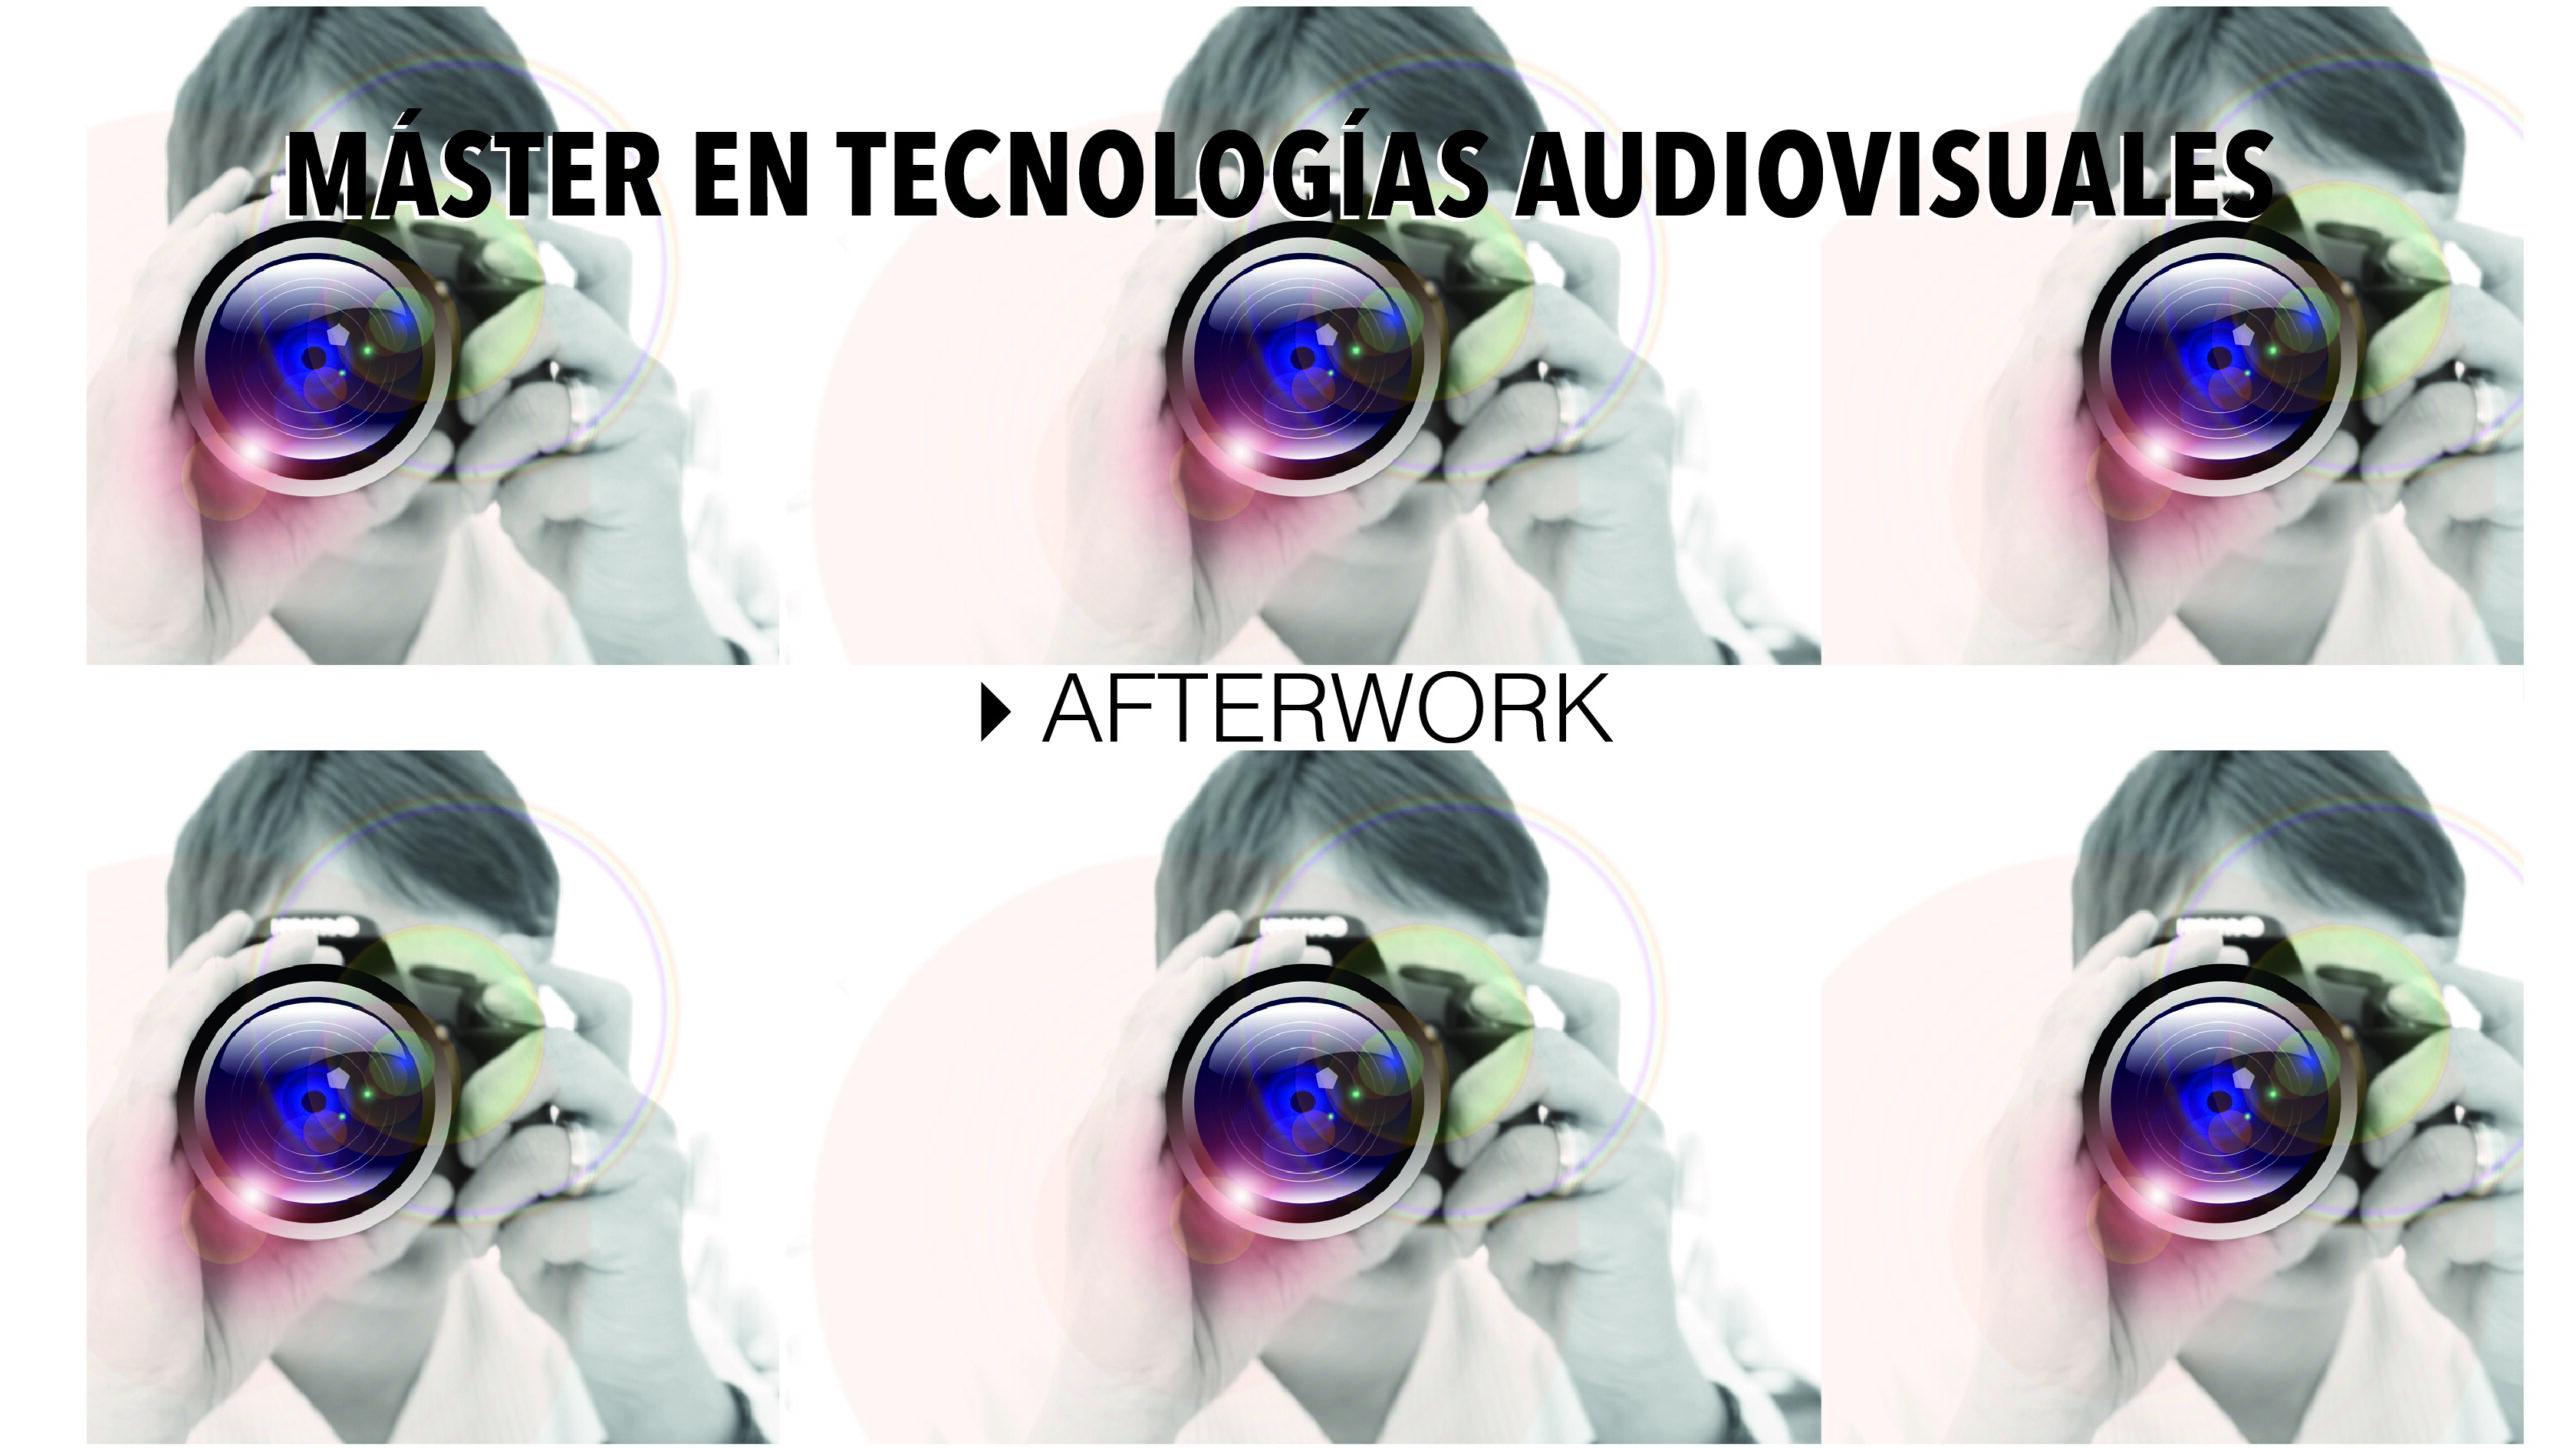 Master en Tecnologías Audiovisuales/AFTERWORK